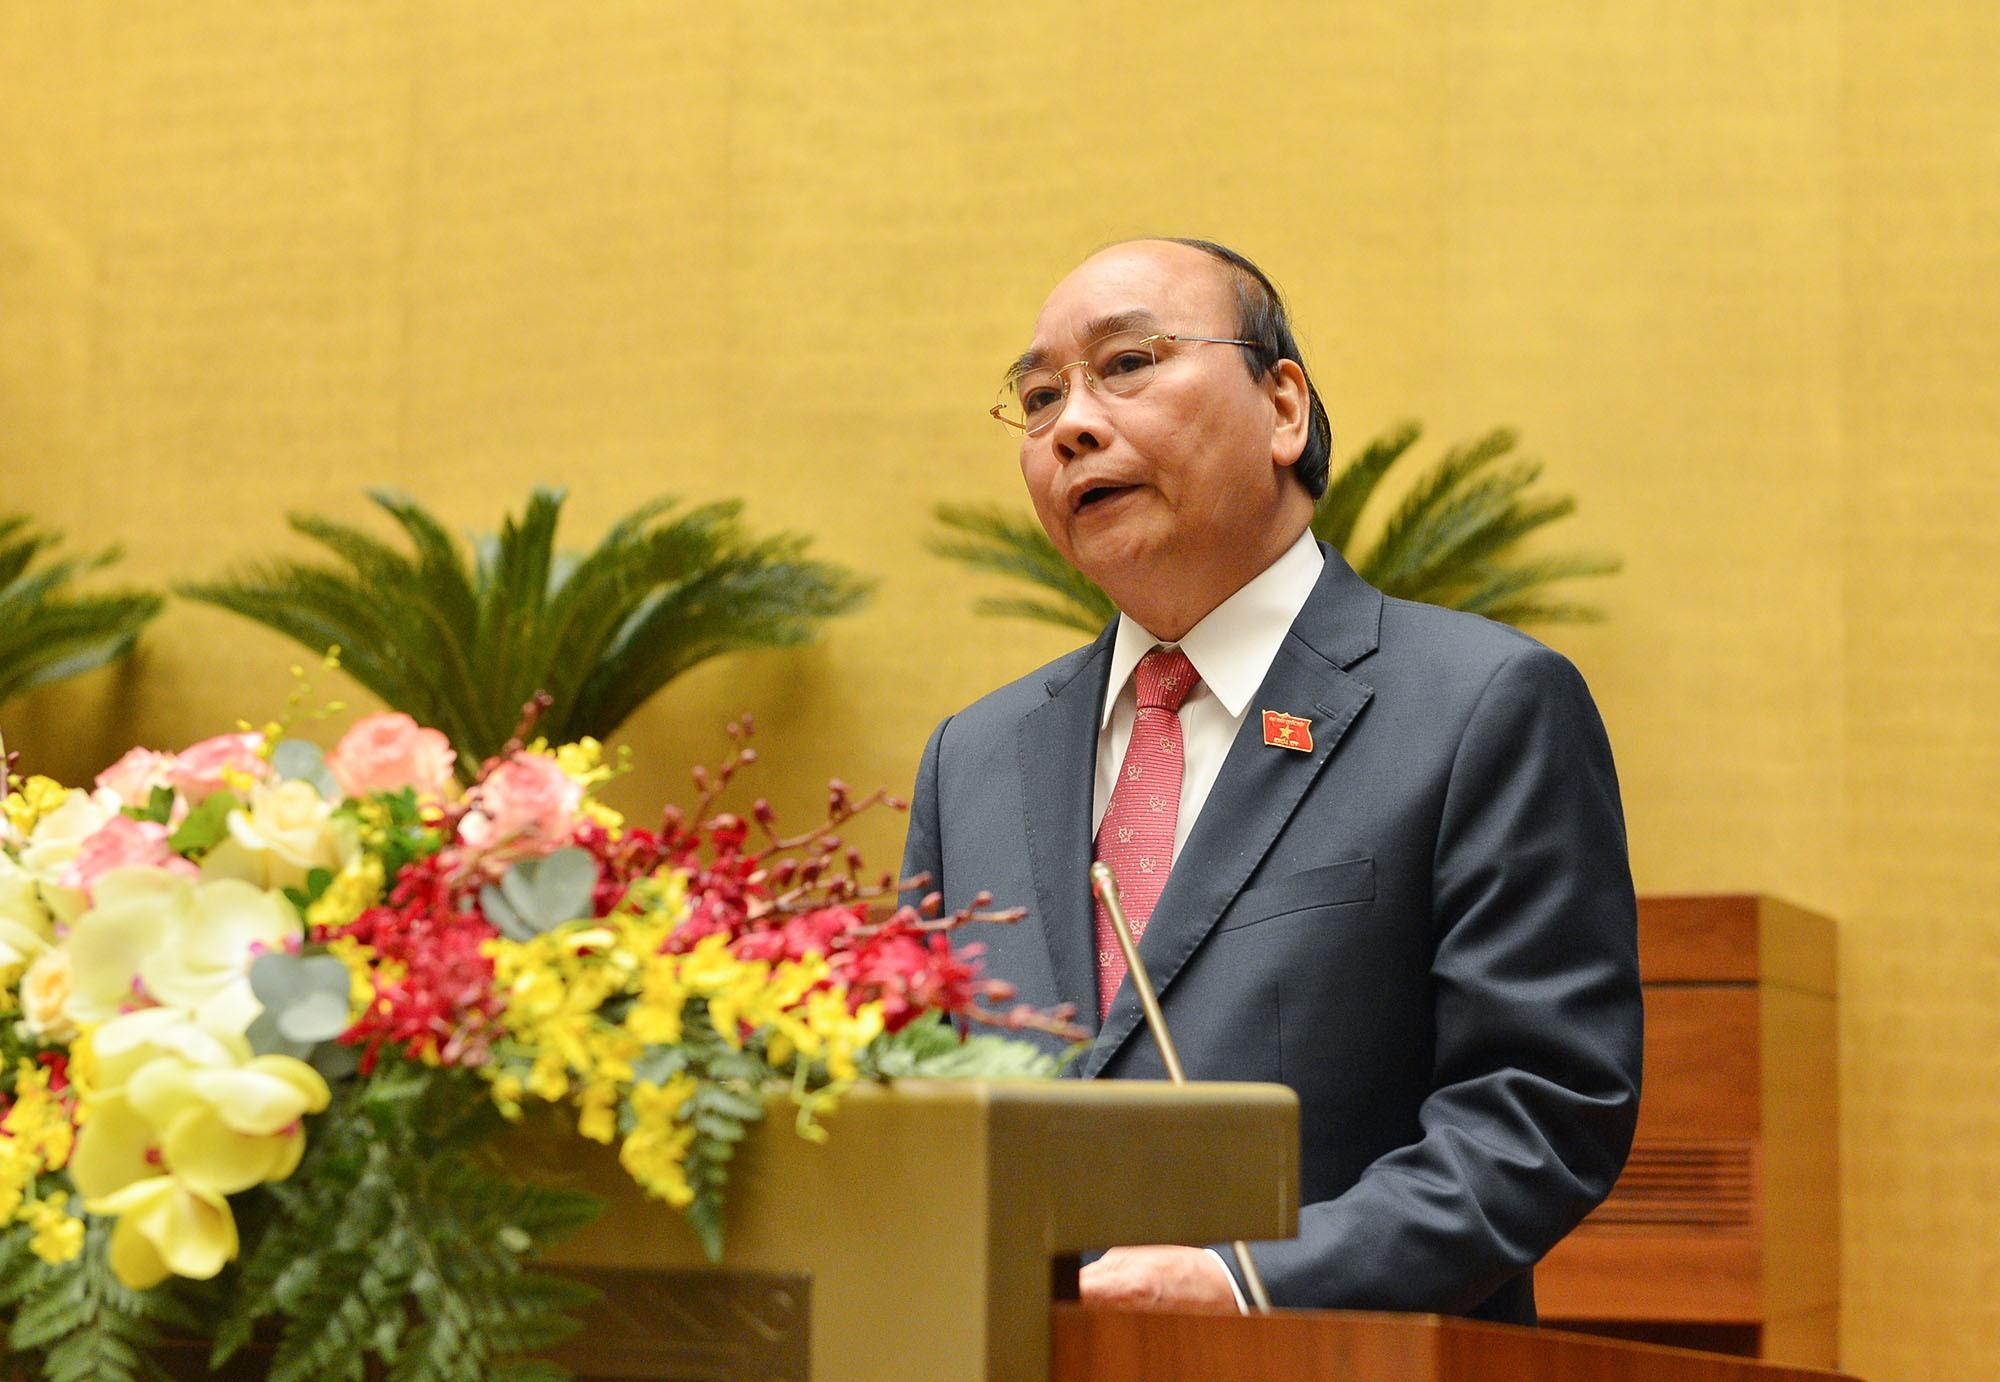 Thủ tướng Chính phủ Nguyễn Xuân Phúc đã trình bày Báo cáo tổng kết công tác nhiệm kỳ 2016-2021 của Chính phủ.